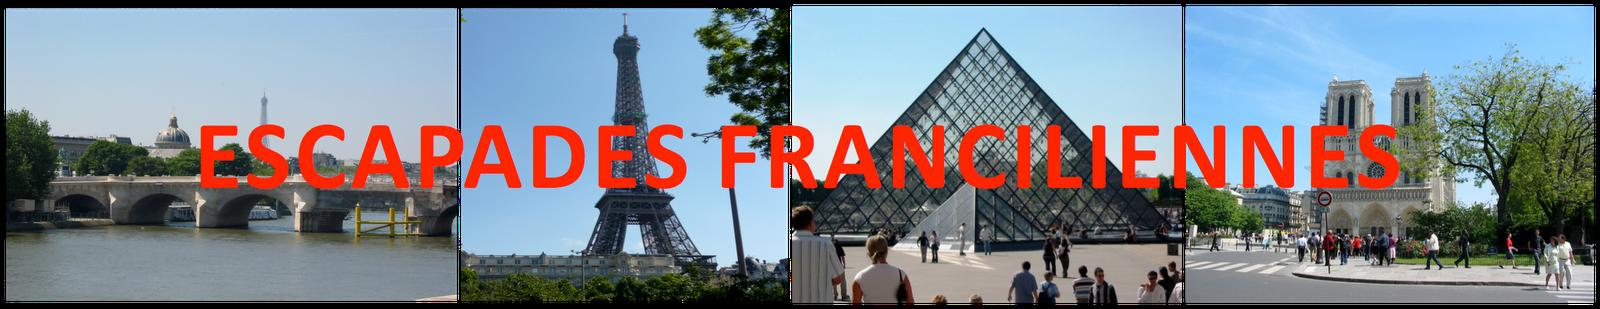 Escapades Franciliennes